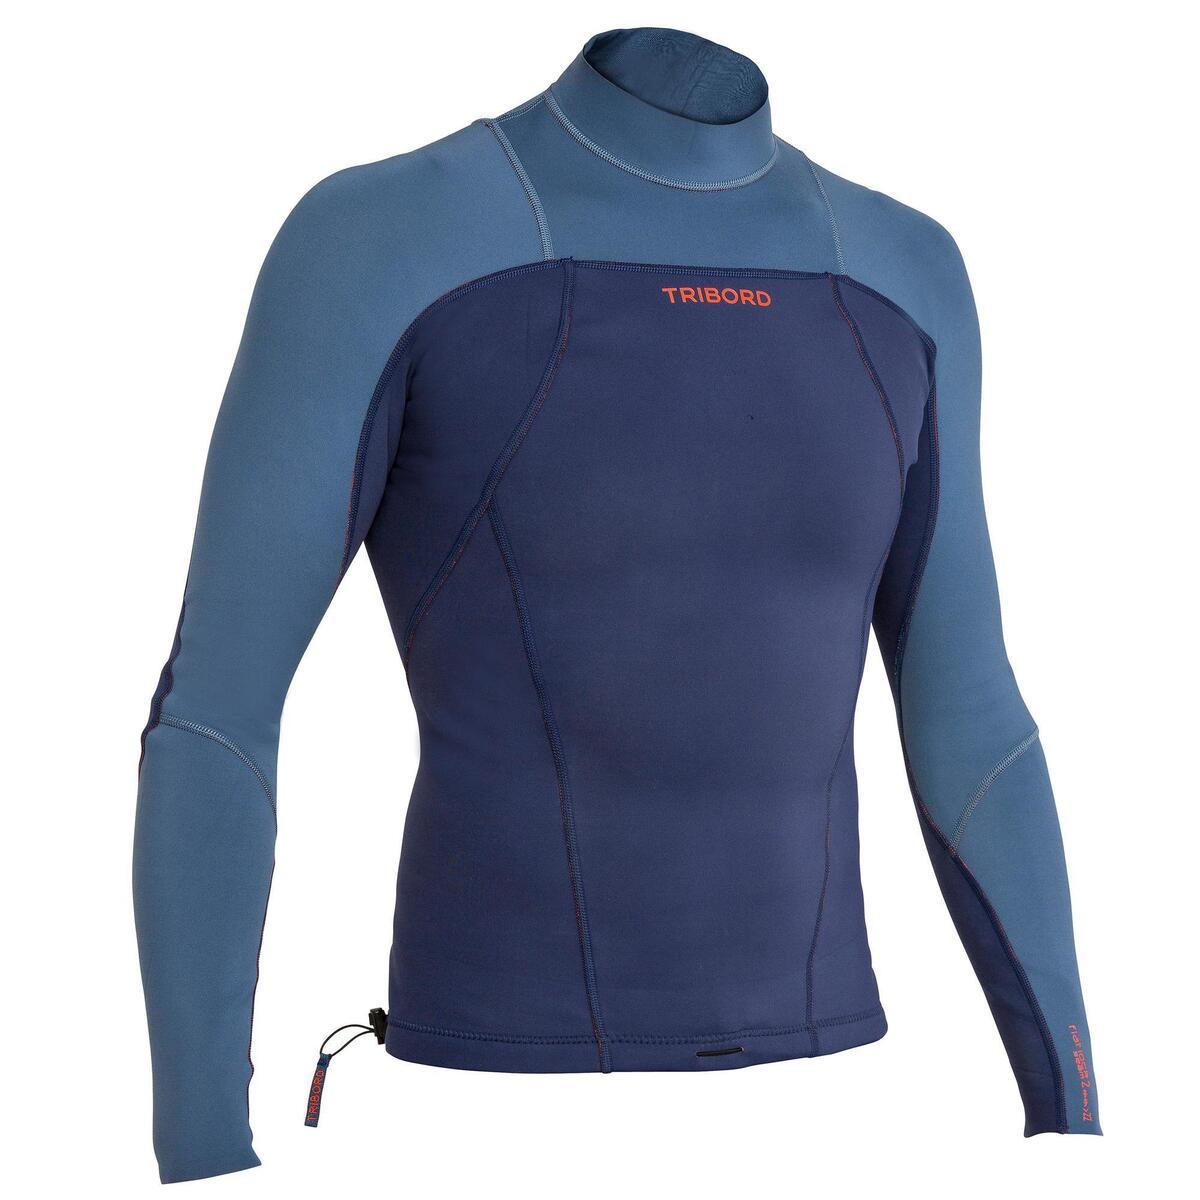 Bild 1 von Thermo-Shirt langarm 900 Herren blau